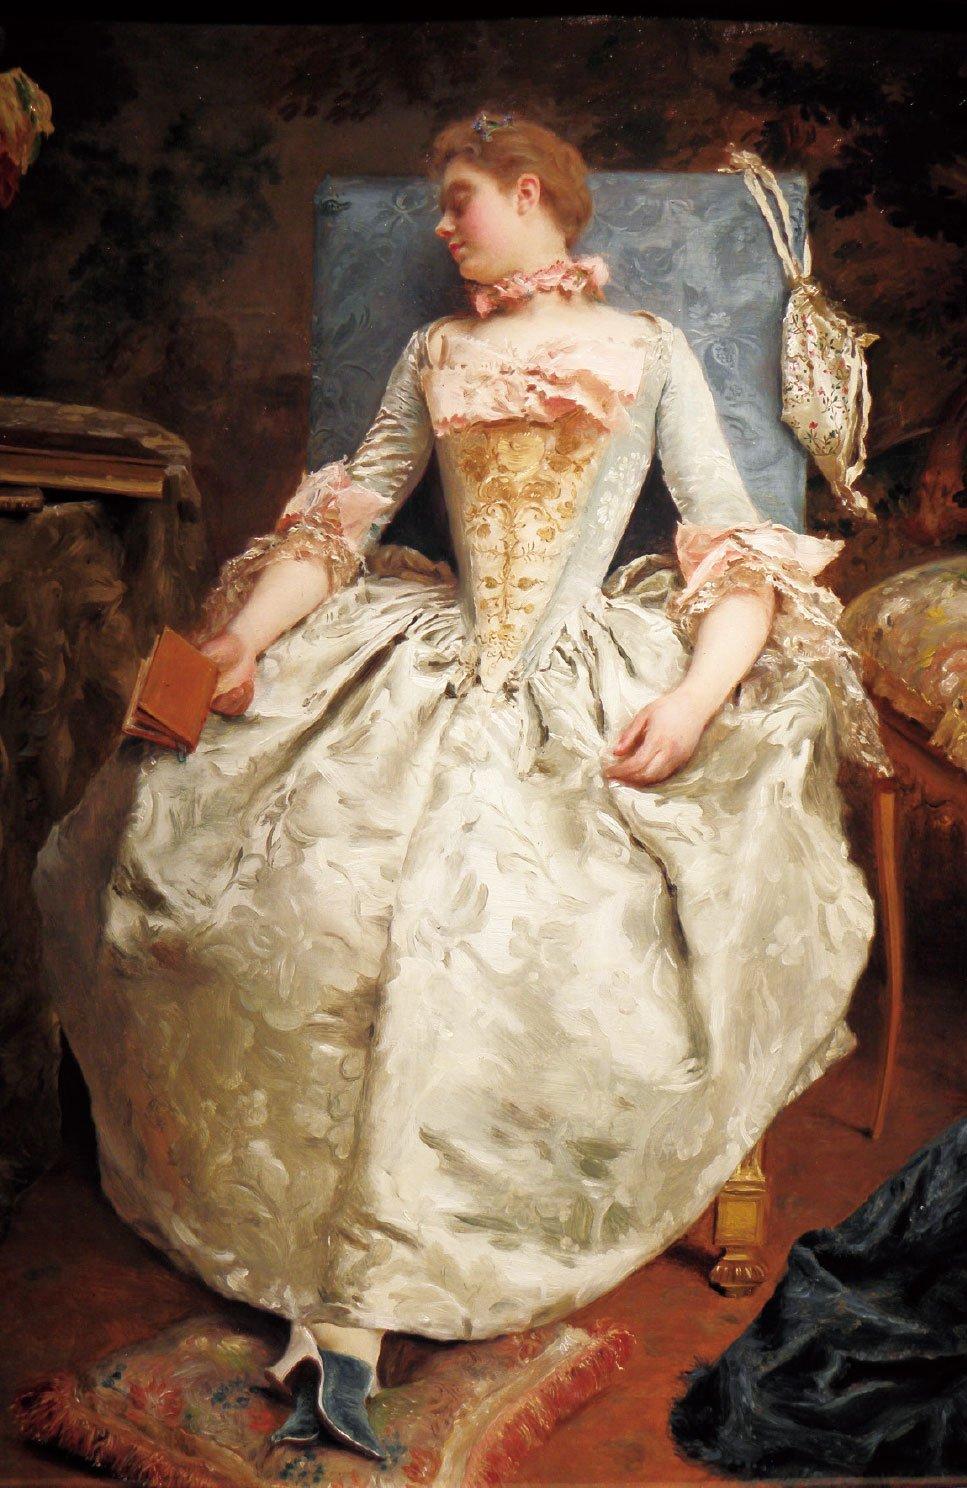 《夢》(Le Rêvé),板上油畫,40 × 30 cm。